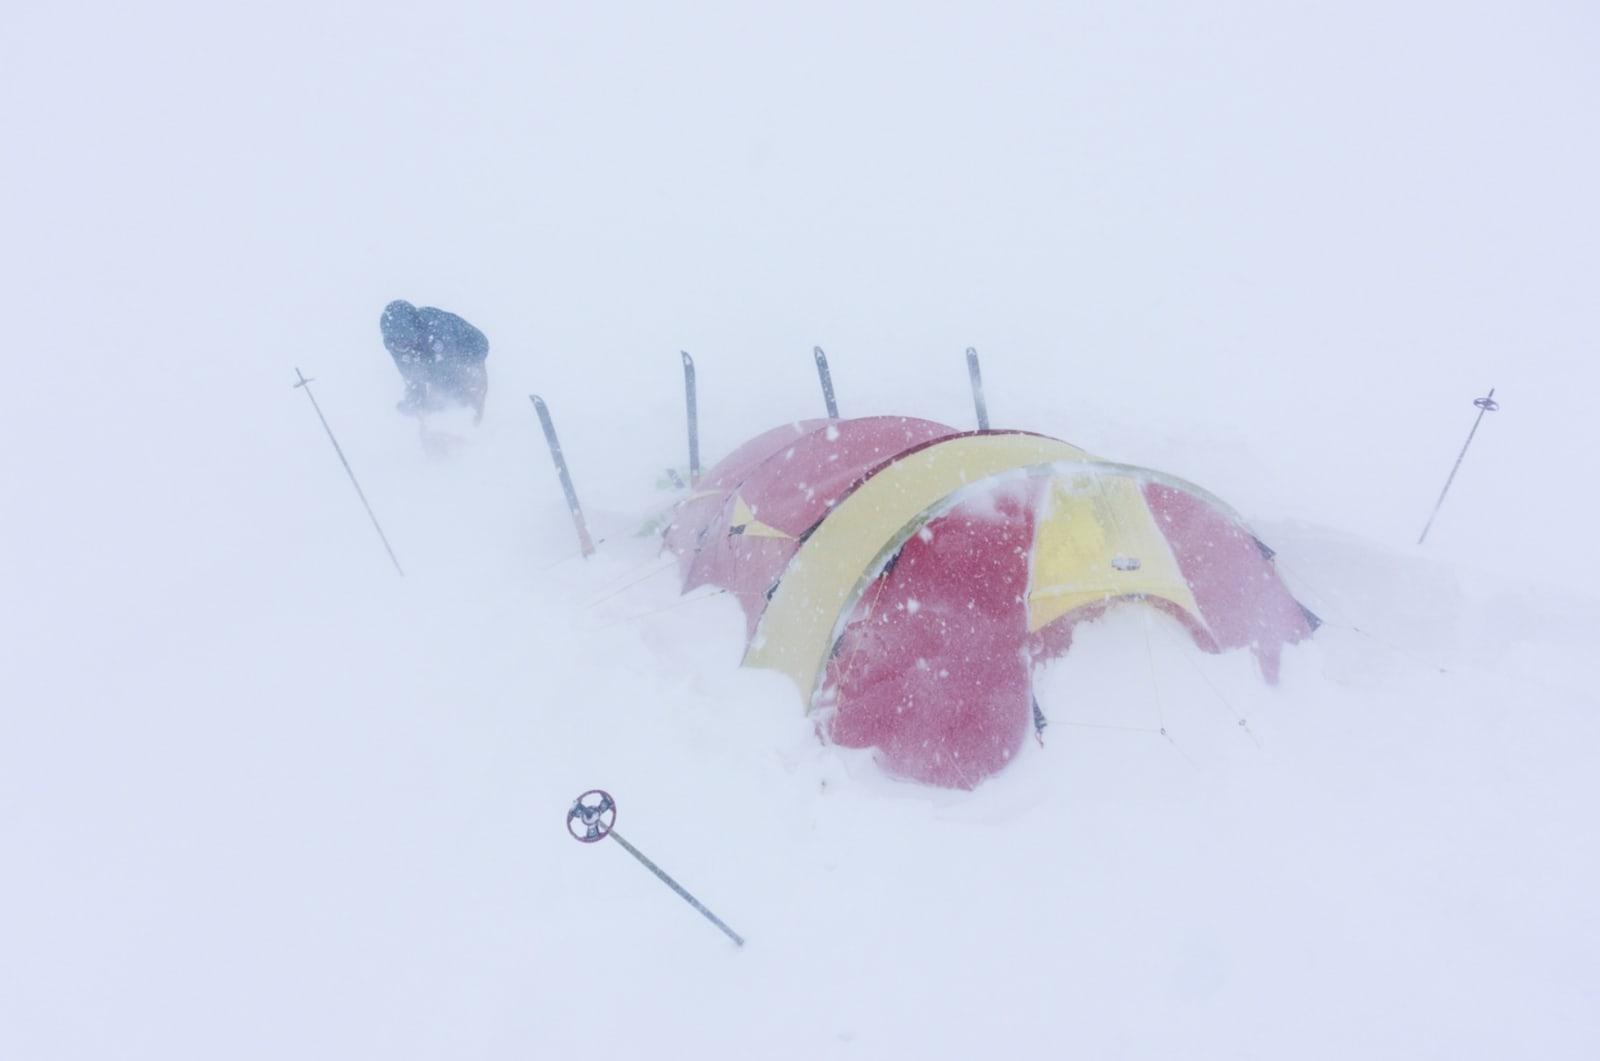 FRISKT: Bjørn sjekker at alt er bra med telt og forankringer, og spar snø bort fra teltet. Dette måtte gjentas med jevne mellomrom, også gjennom natten.